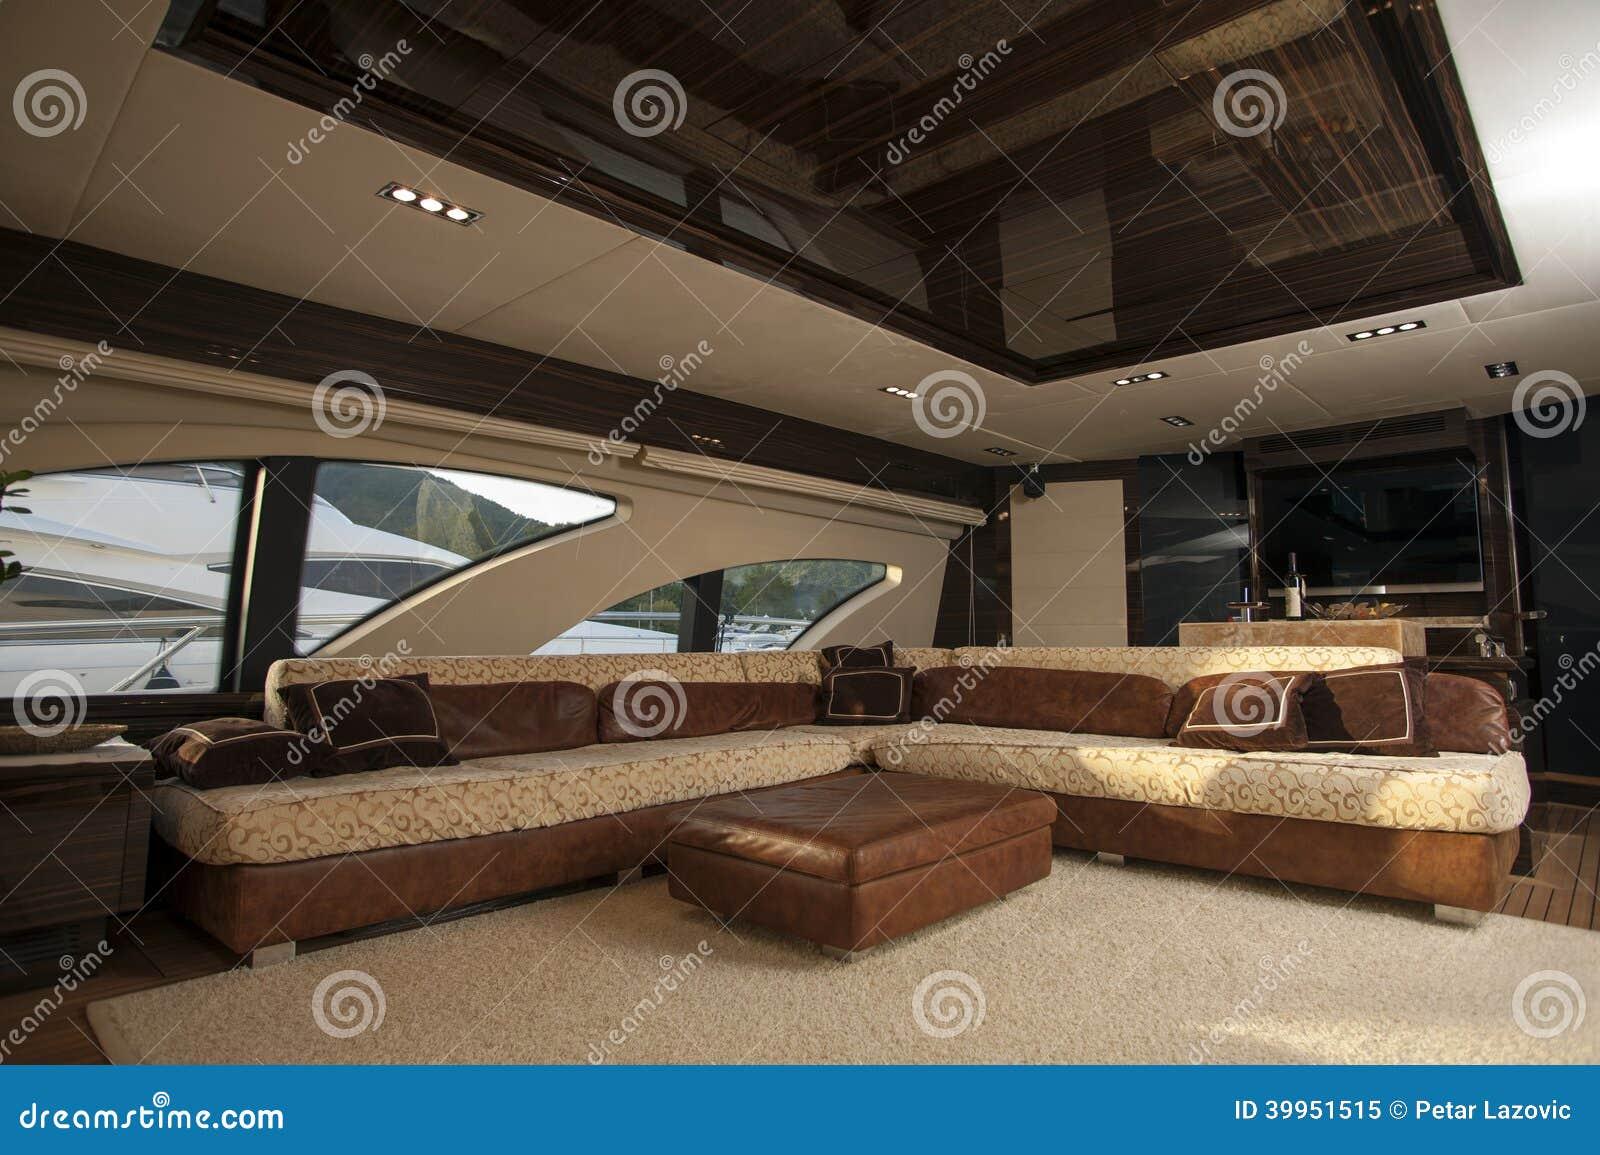 Image de carlingue int rieure et confortable de luxe de for Bateau de luxe interieur